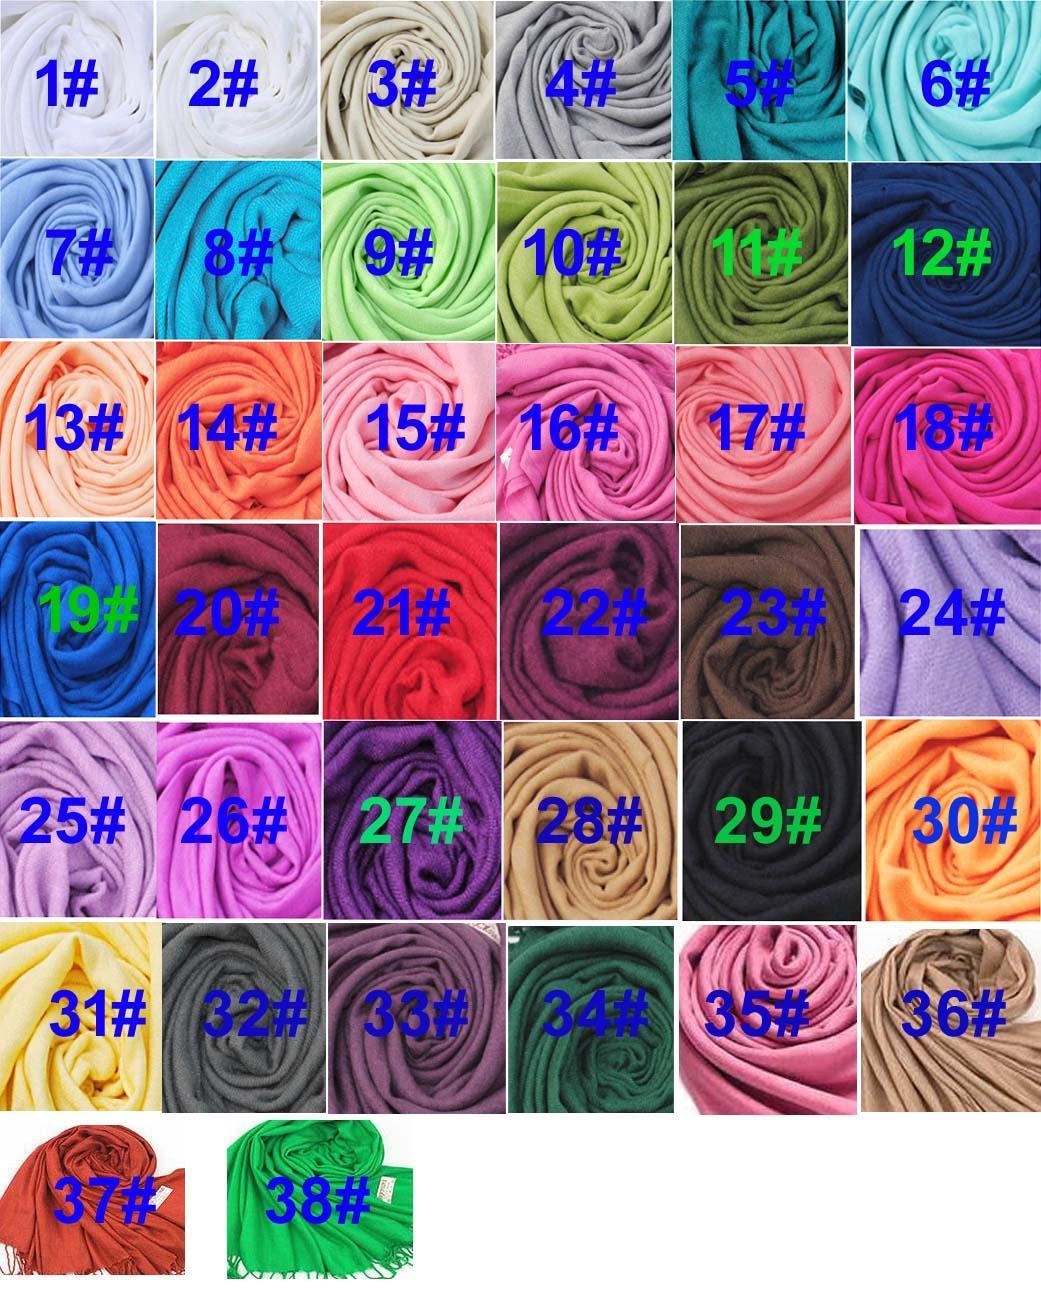 Acheter Article Chaud Pashmina Cachemire Soie Solide Châle Wrap Unisexe  Long Range Foulard Femmes      s Foulard Femme Pure 40 Couleur De  4.41 Du  ... dd4cc5bf90f